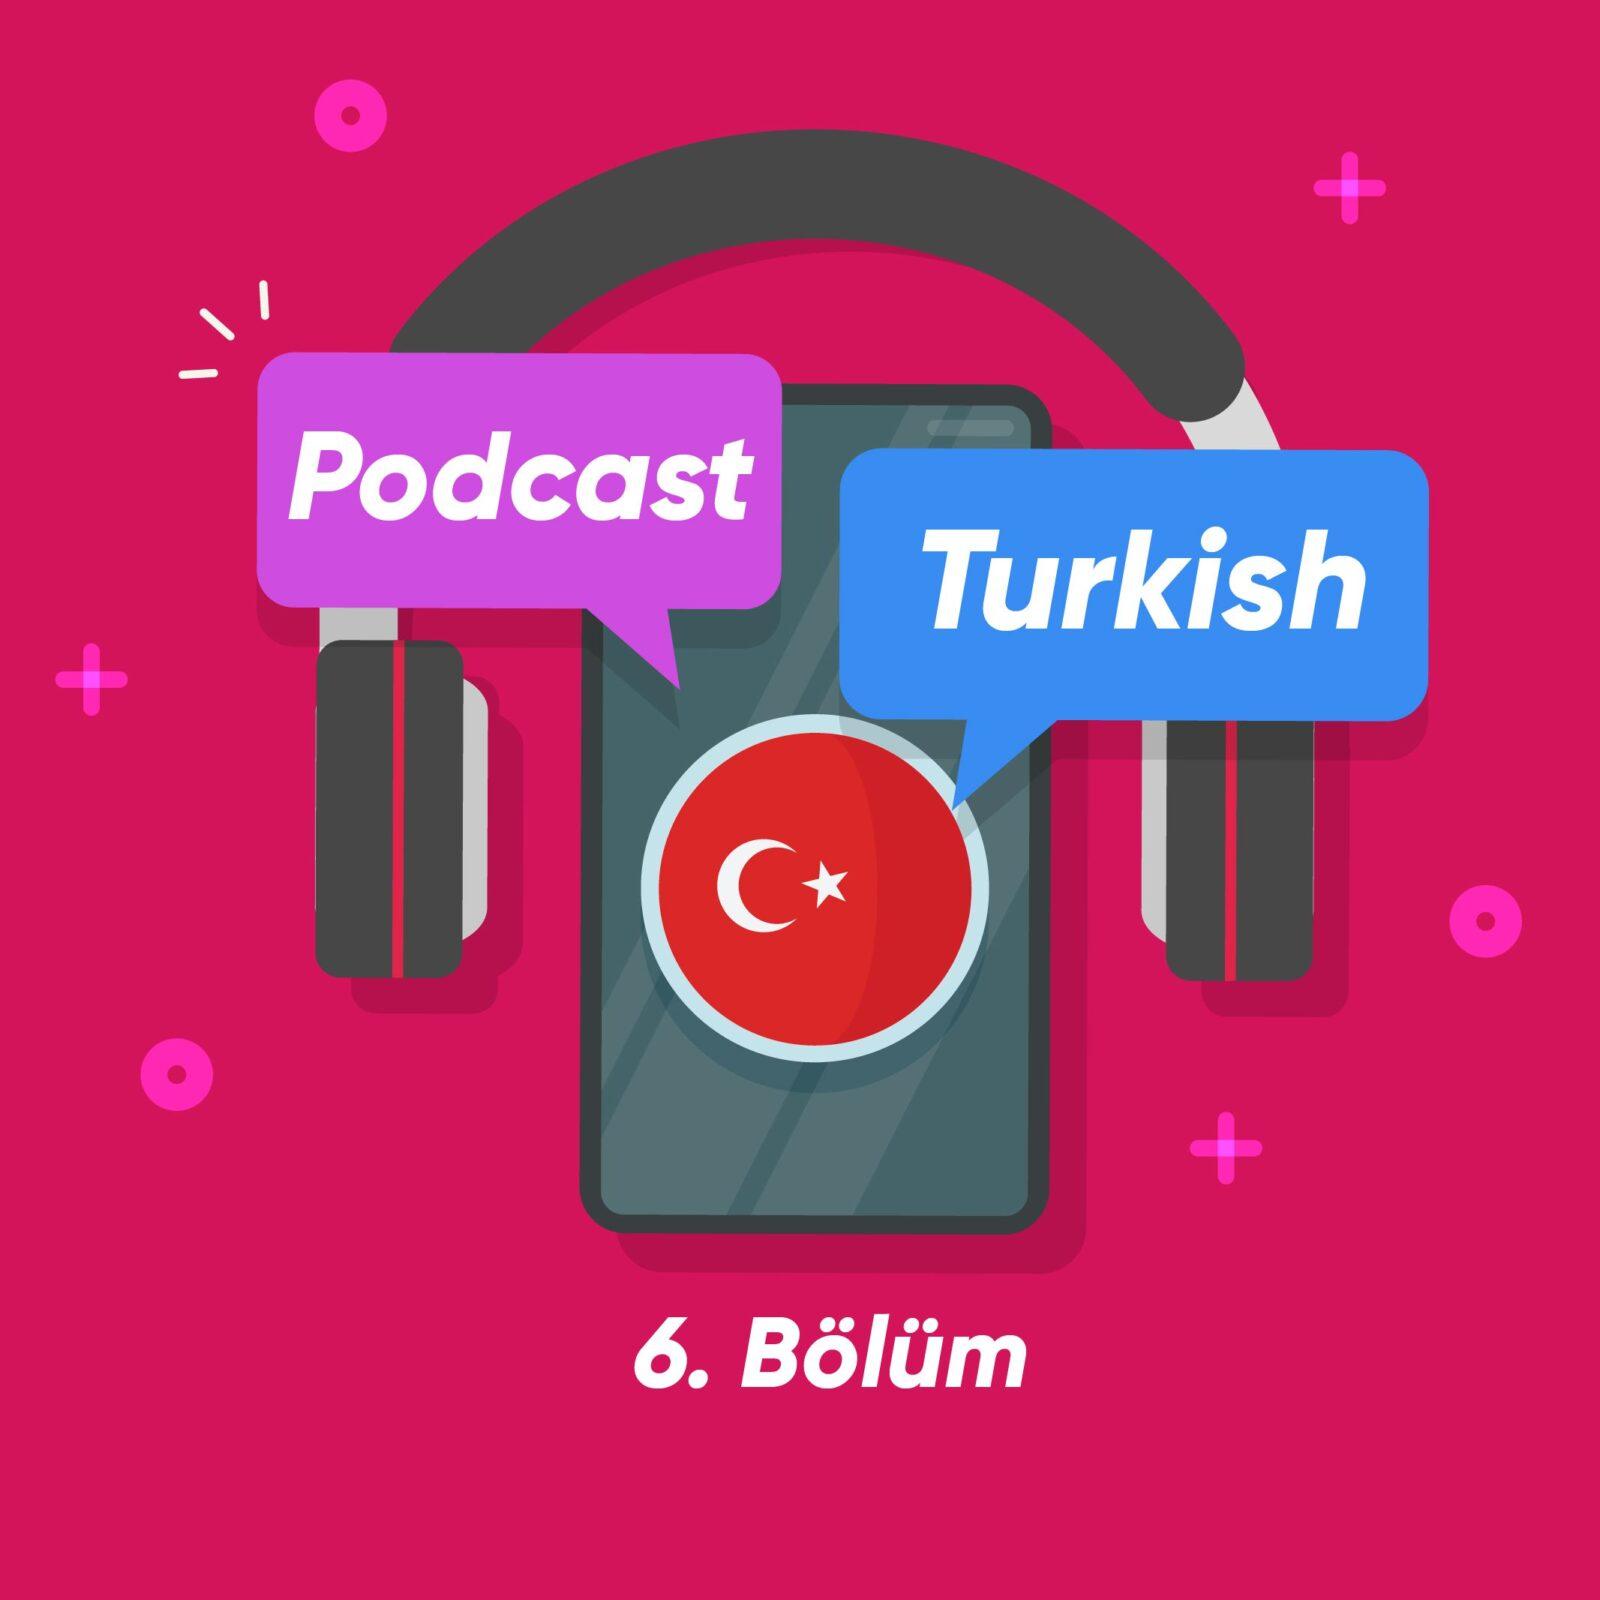 پادکست ترکی استانبولی شماره 6